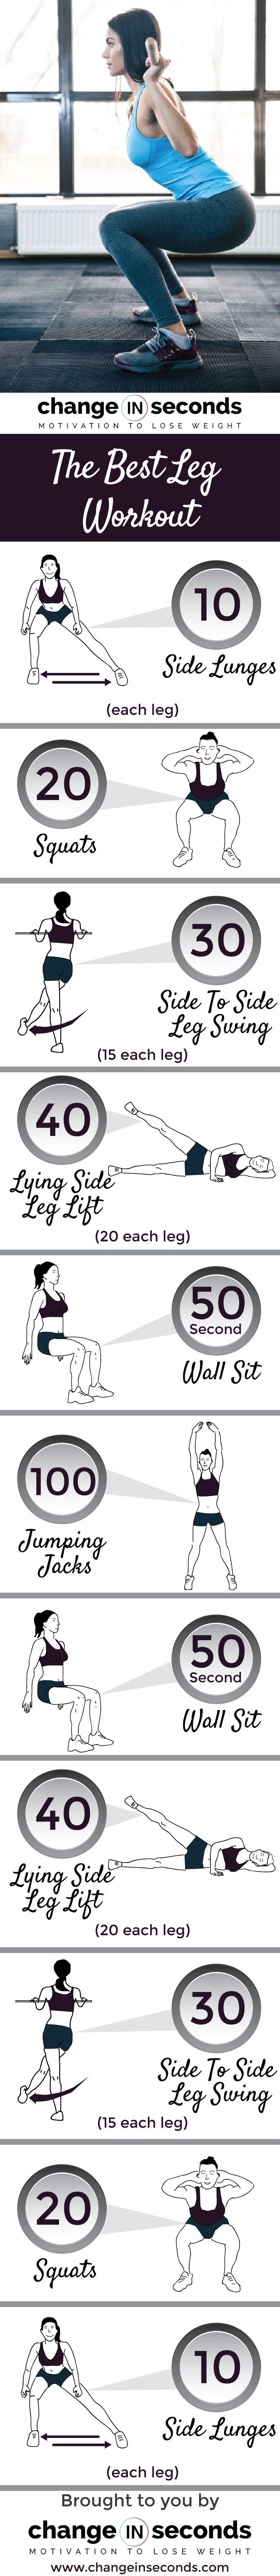 The best leg workout for women for killer legs download pdf the best leg workout download pdf fandeluxe Gallery